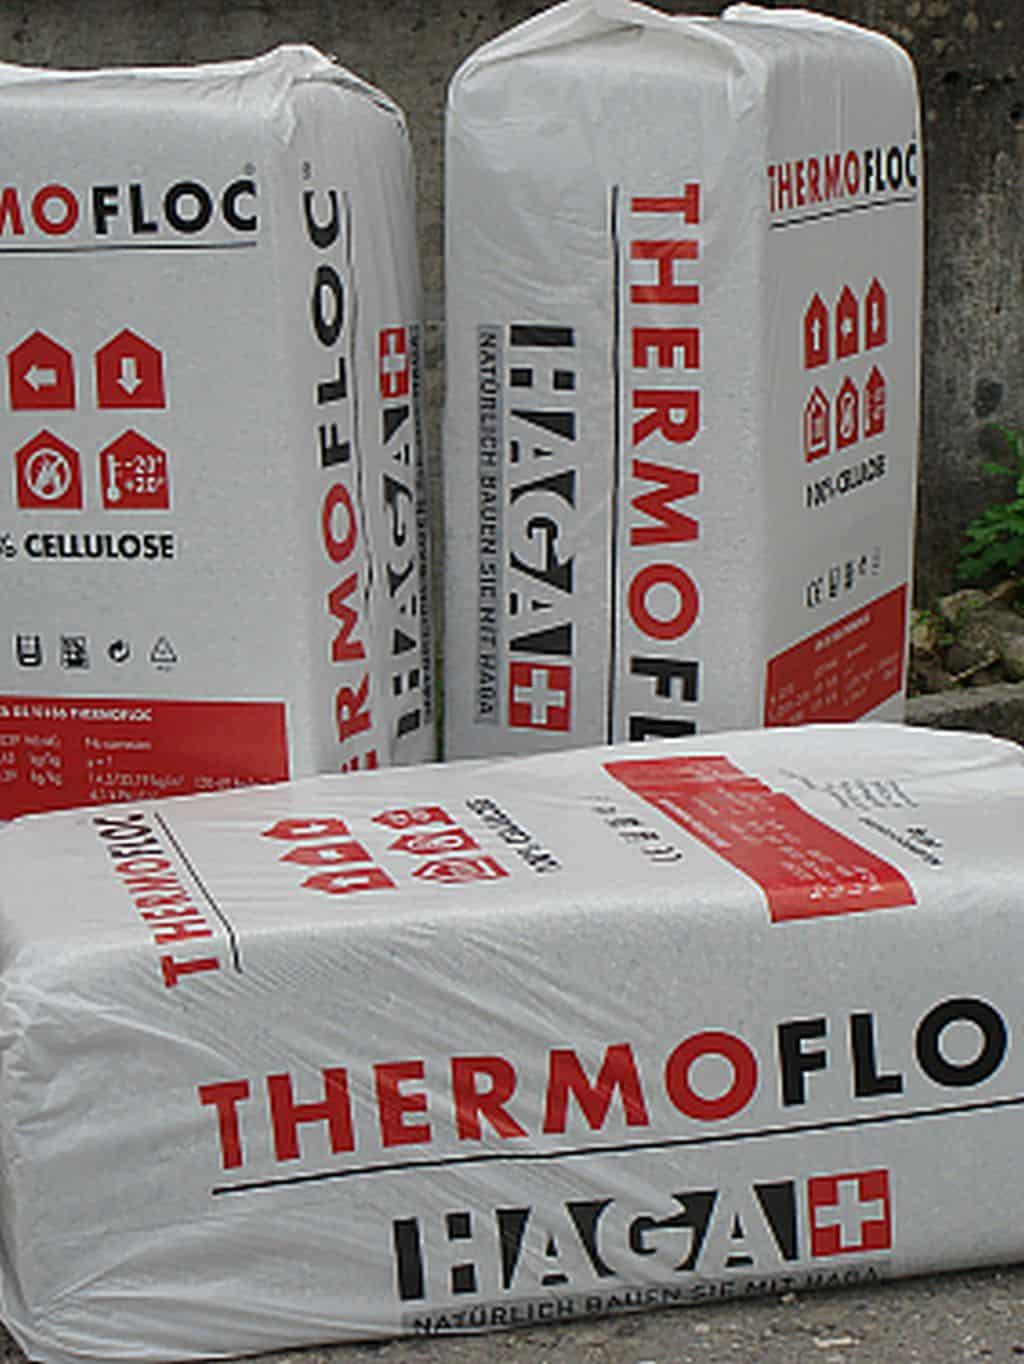 thermoflocweb